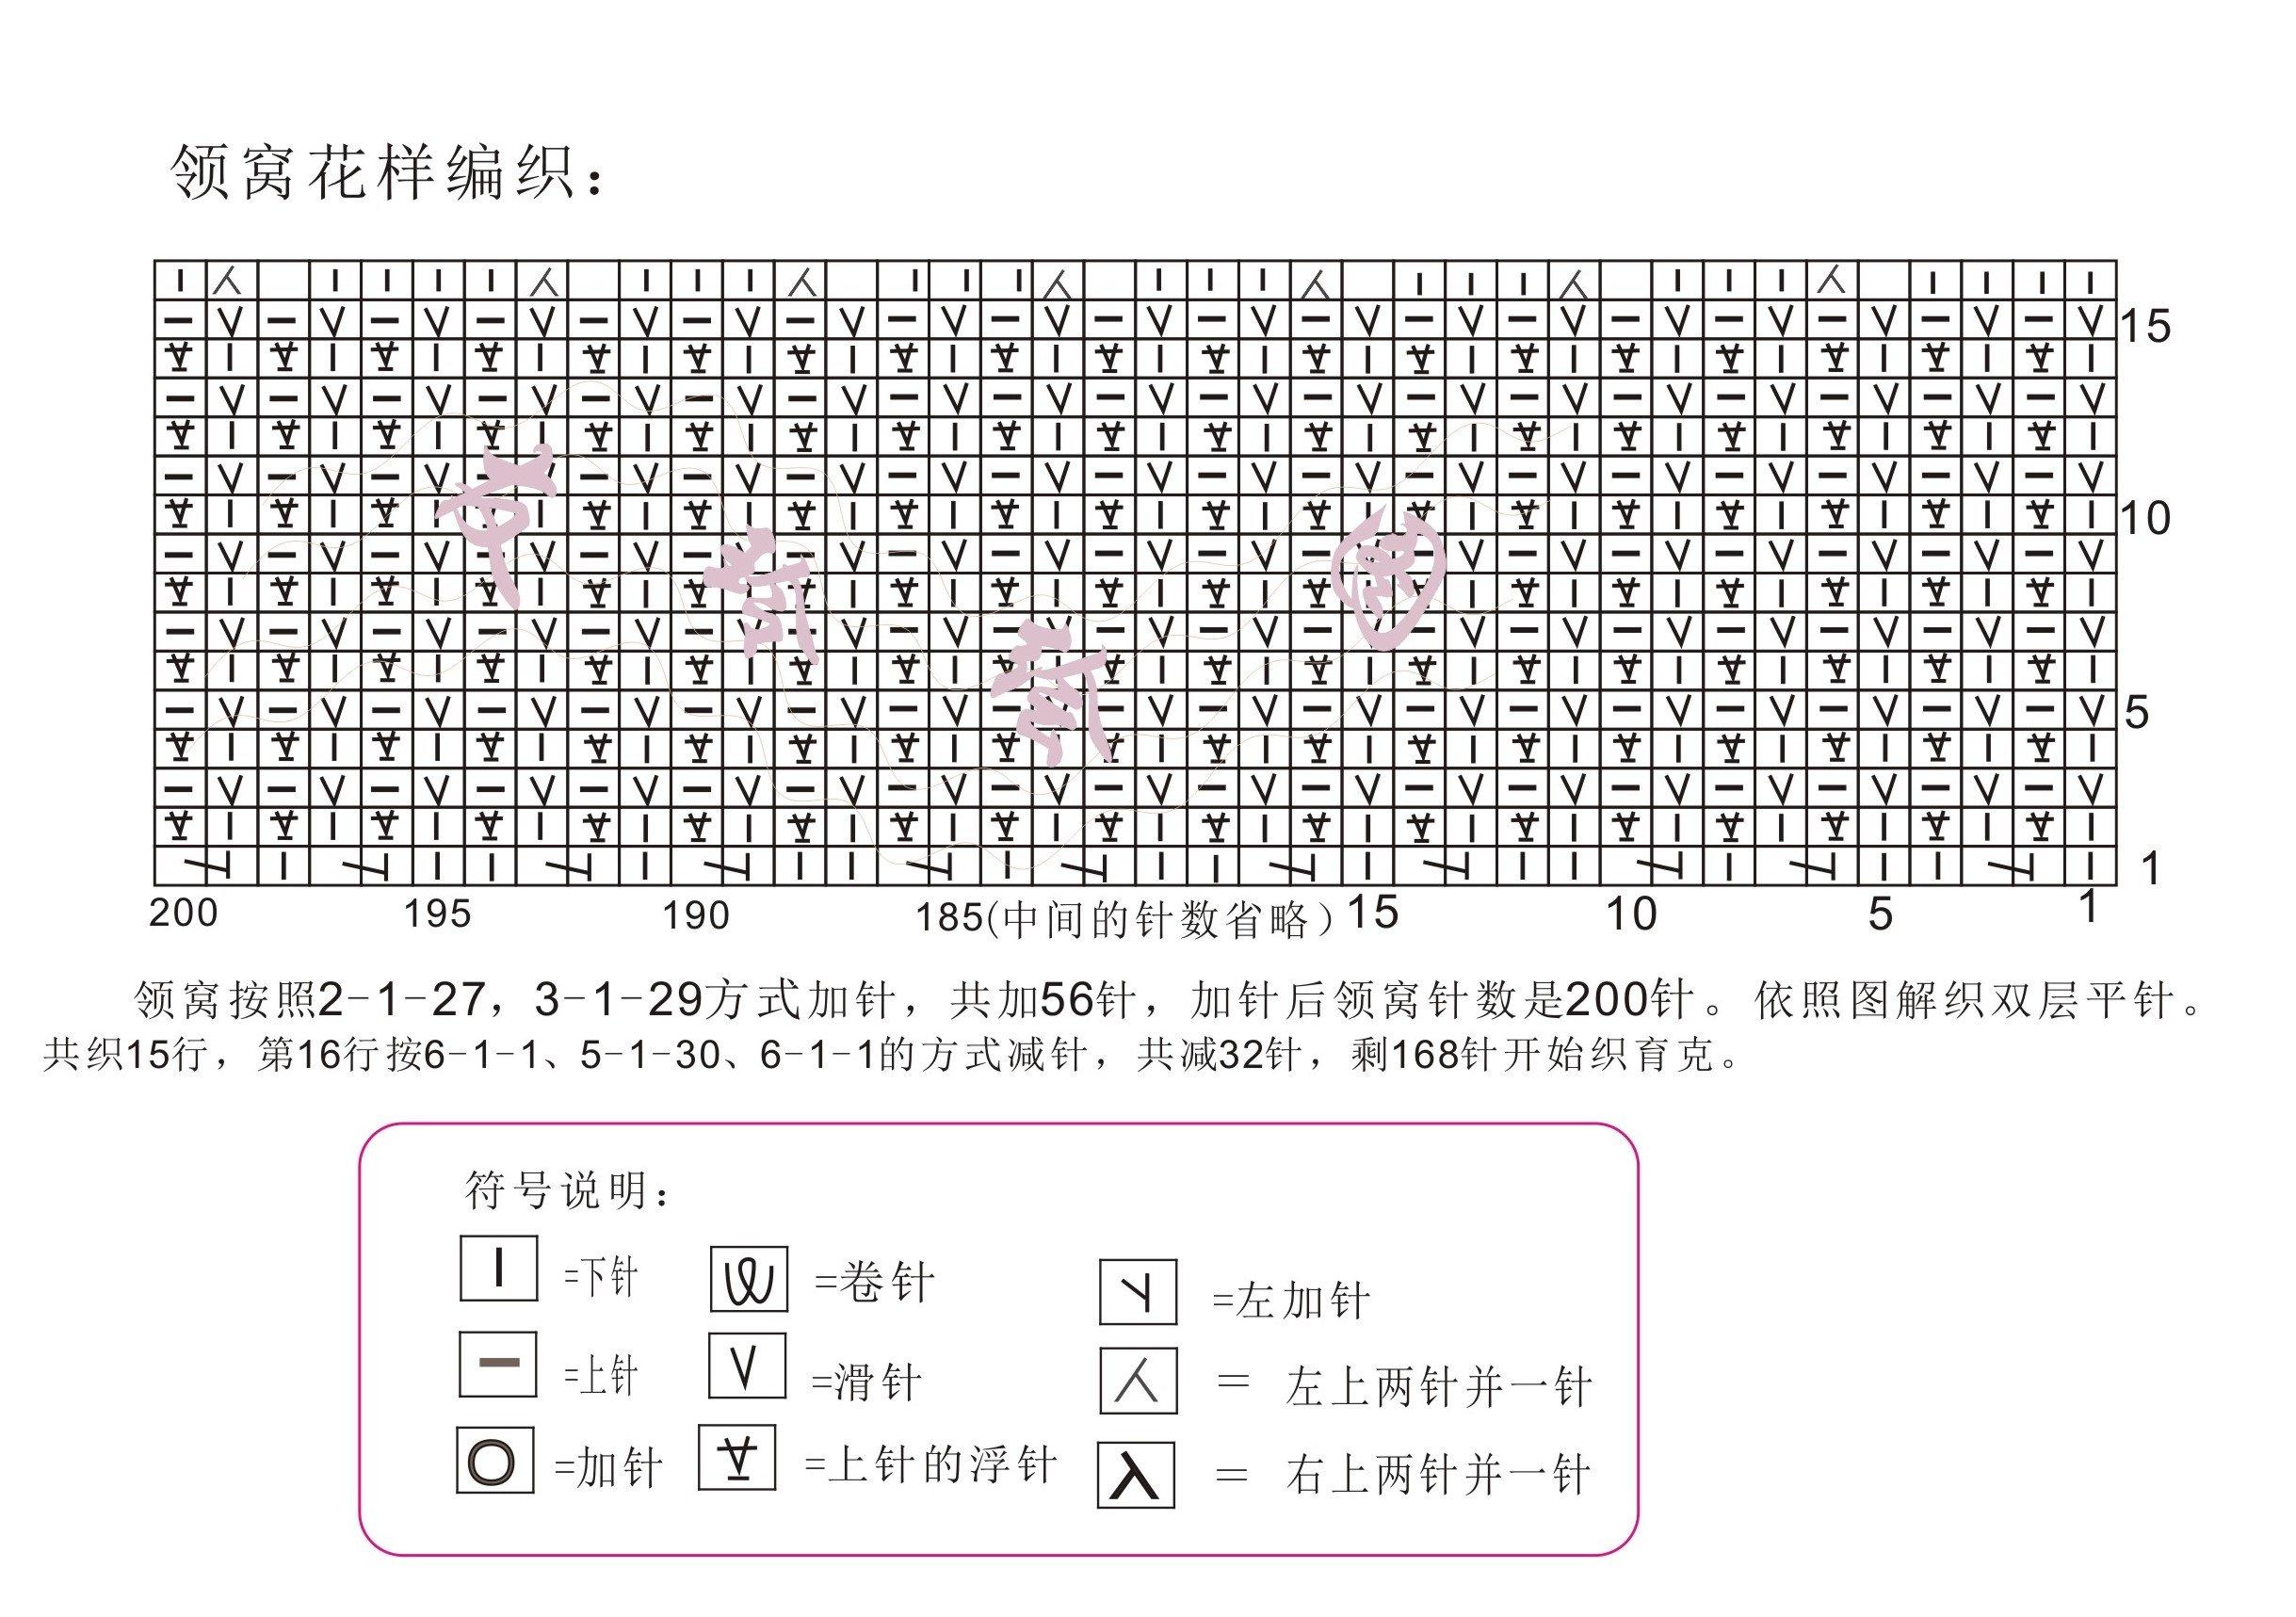 这就是机器领的编织图解。